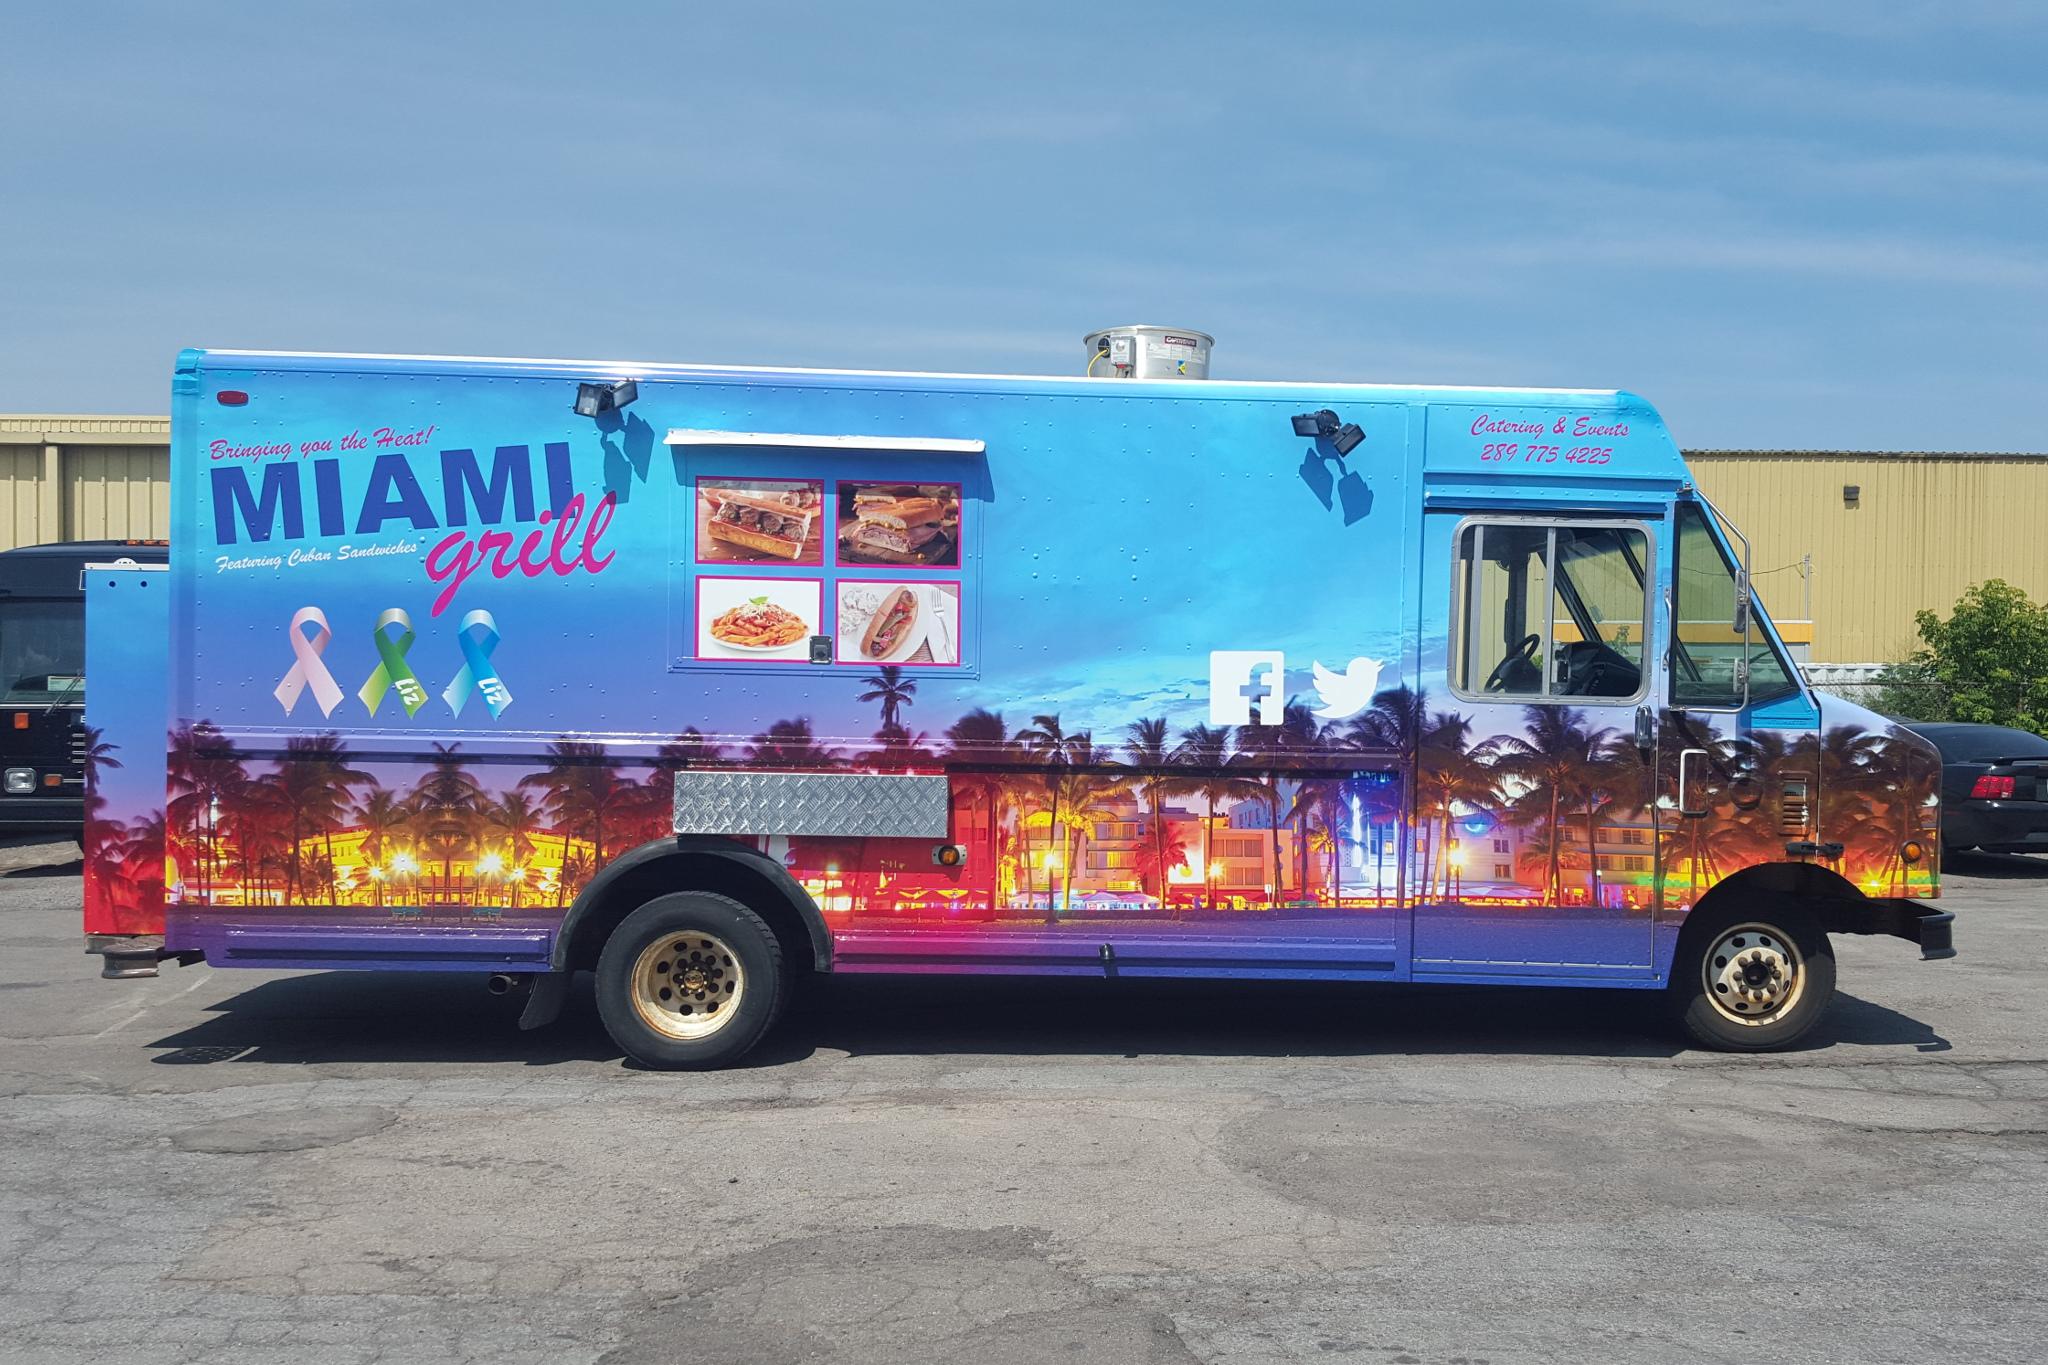 Miami Street Food Trucks